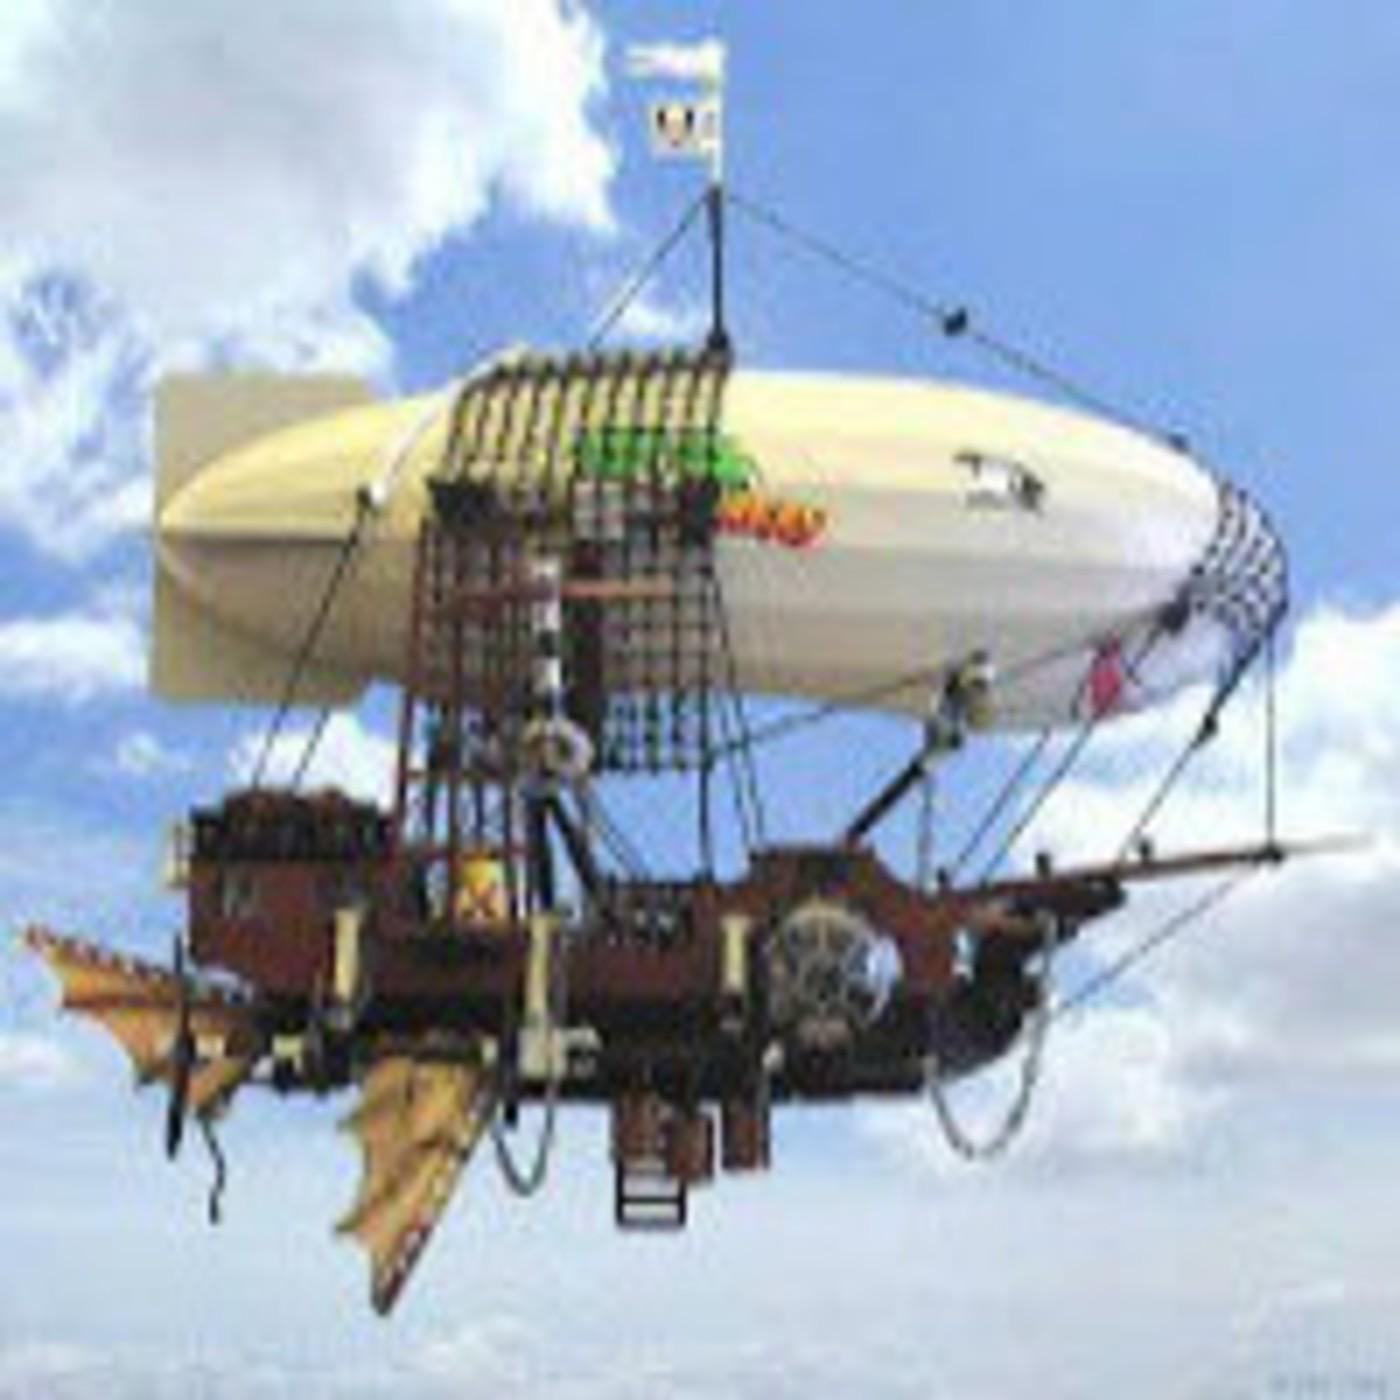 Verne y Wells ciencia ficción: El subgénero Steampunk en los géneros de ciencia ficción y fantasía